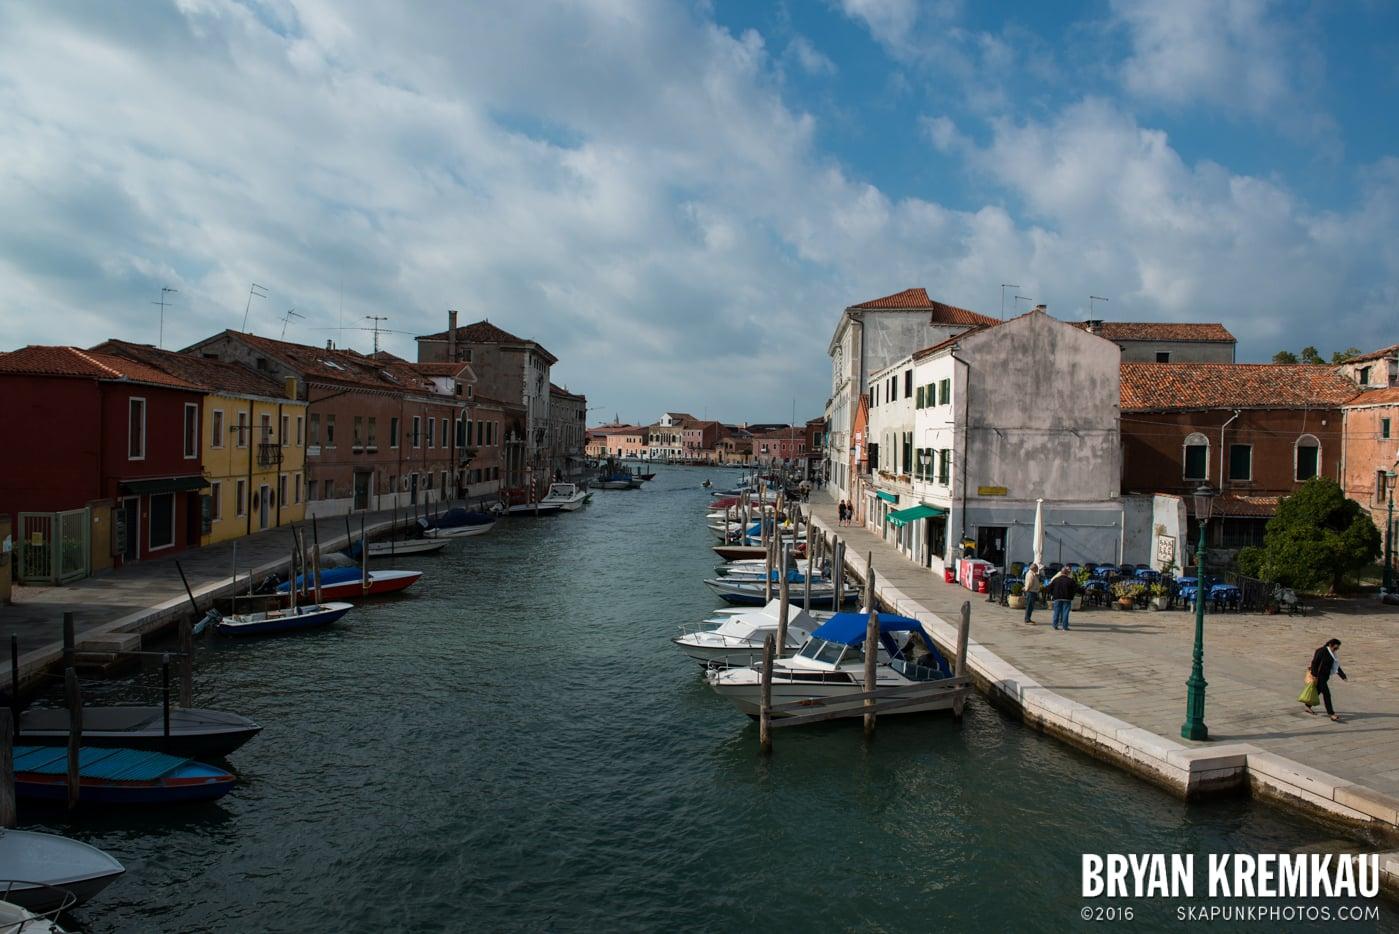 Italy Vacation - Day 6: Murano, Burano, Venice - 9.14.13 (85)